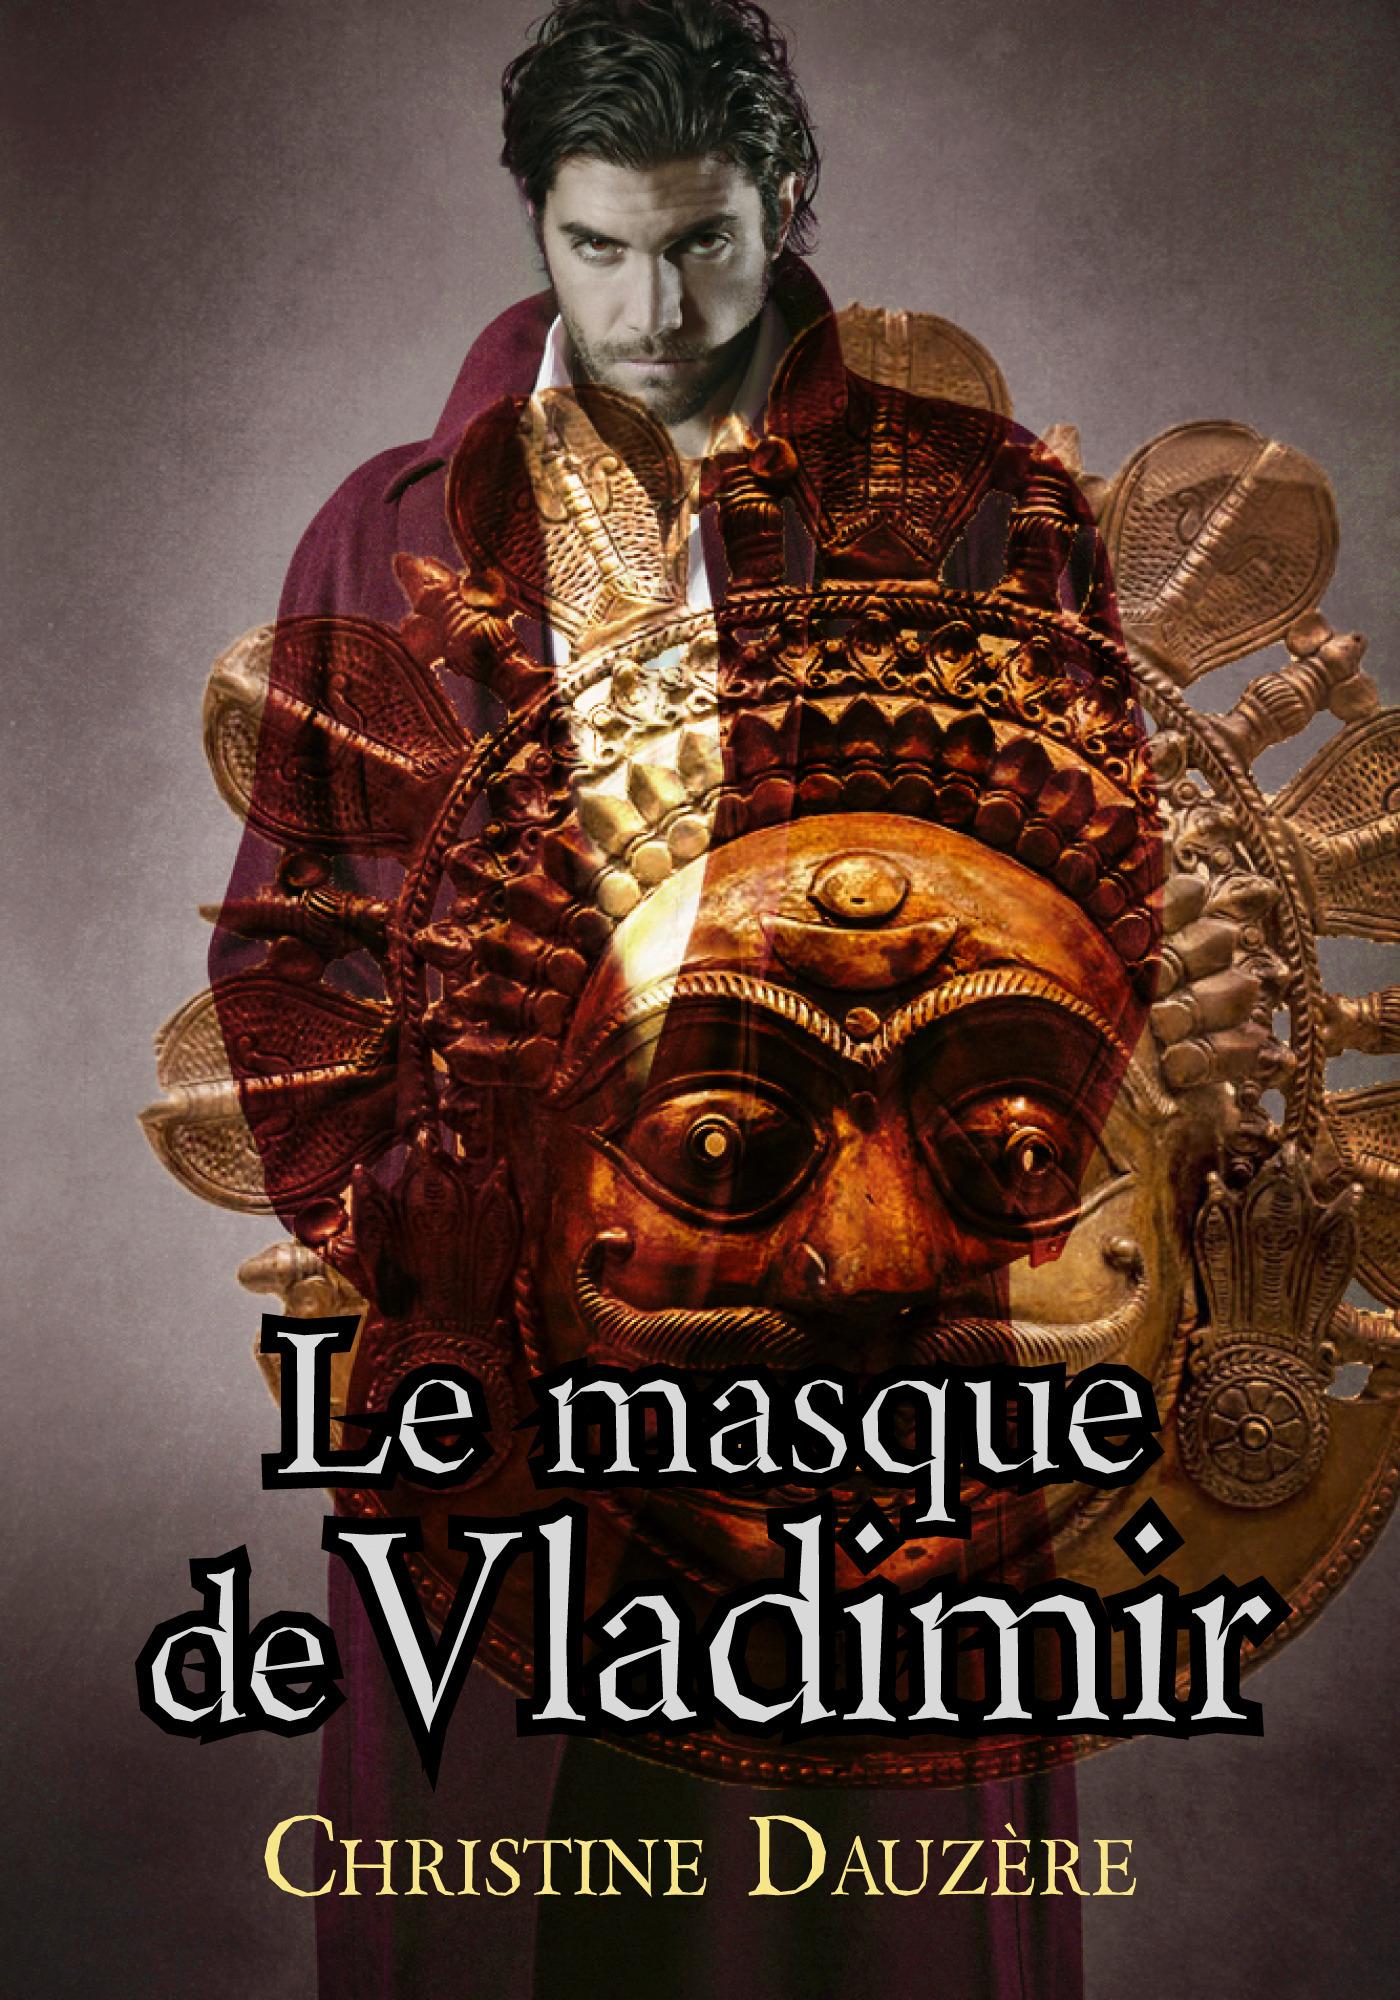 Le masque de Vladimir